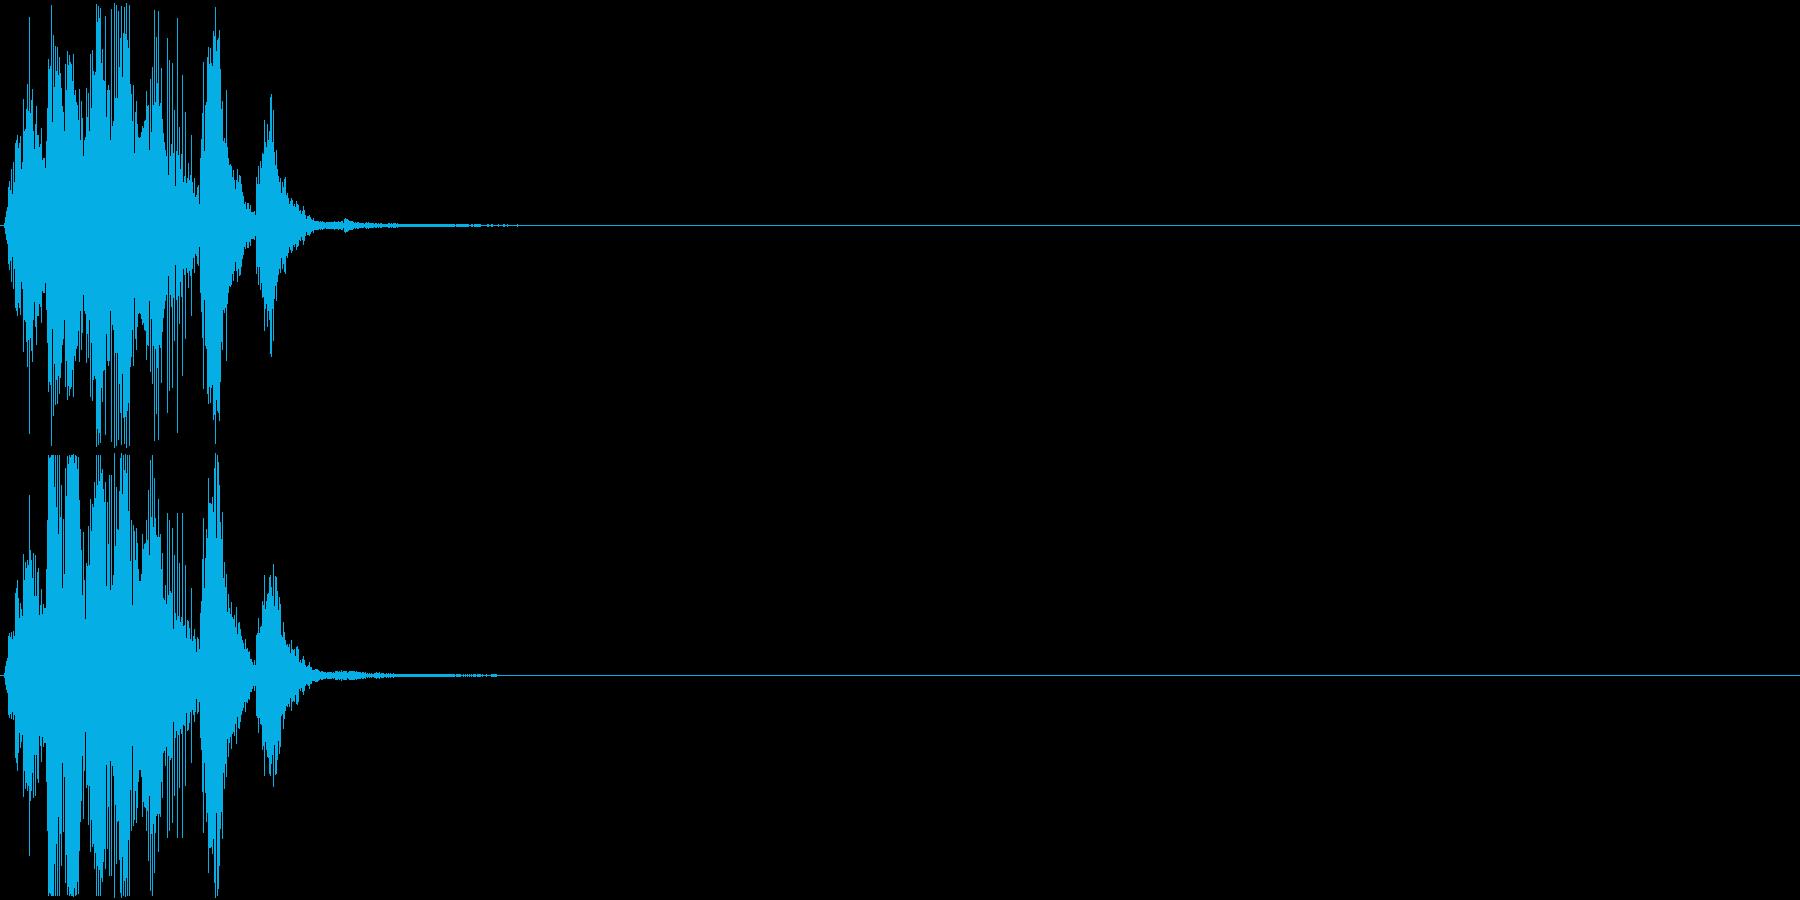 格闘ゲーム用「ファイト!」の再生済みの波形